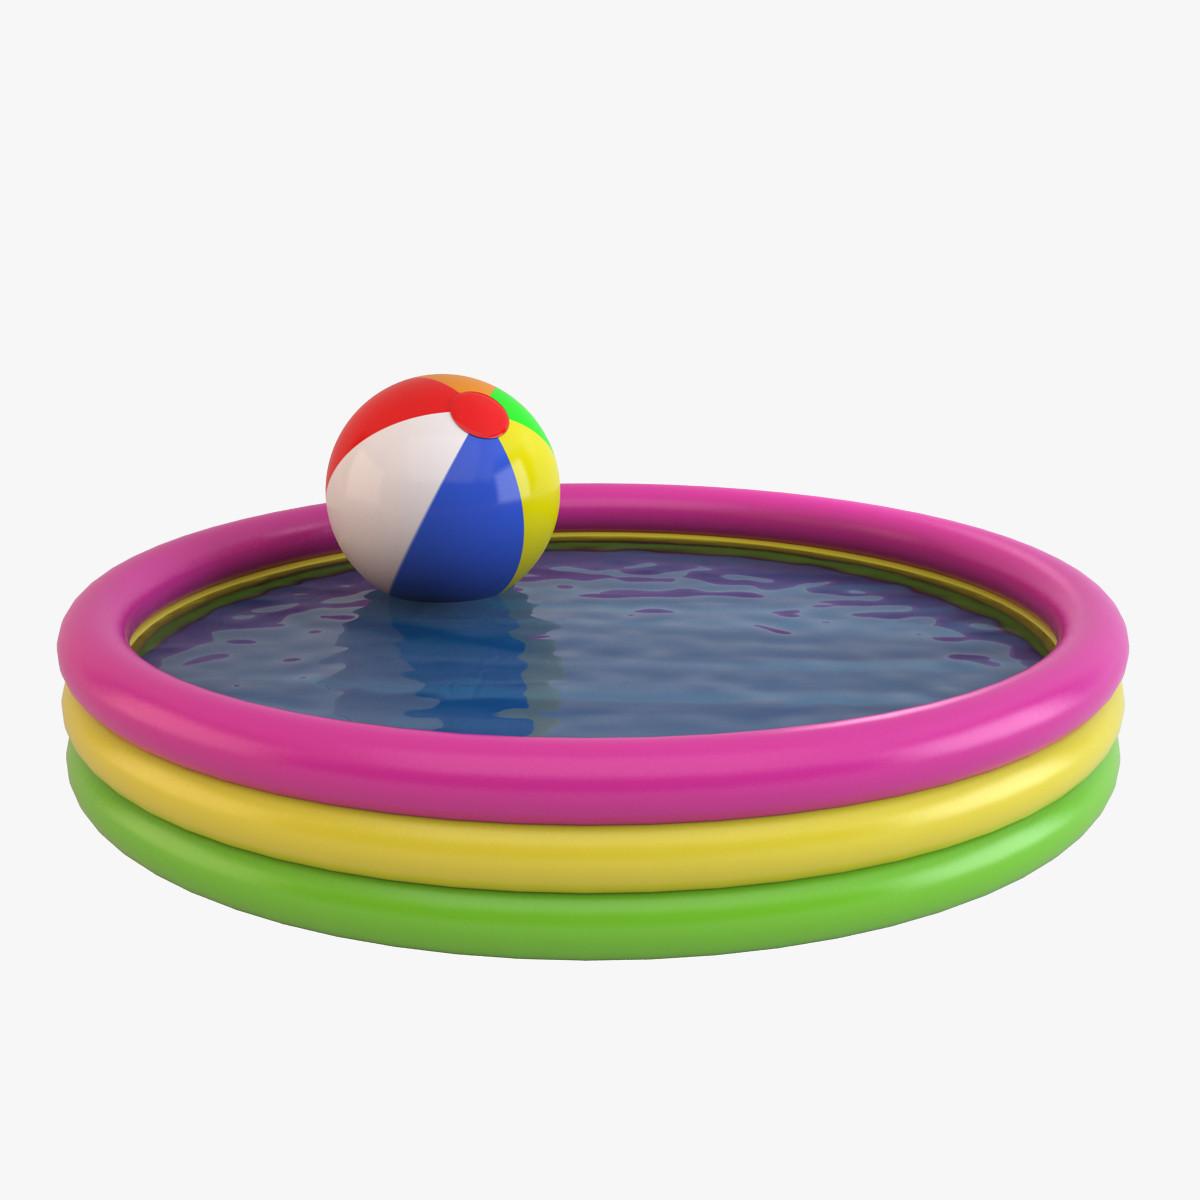 1200x1200 Pool Clipart Kiddie Pool